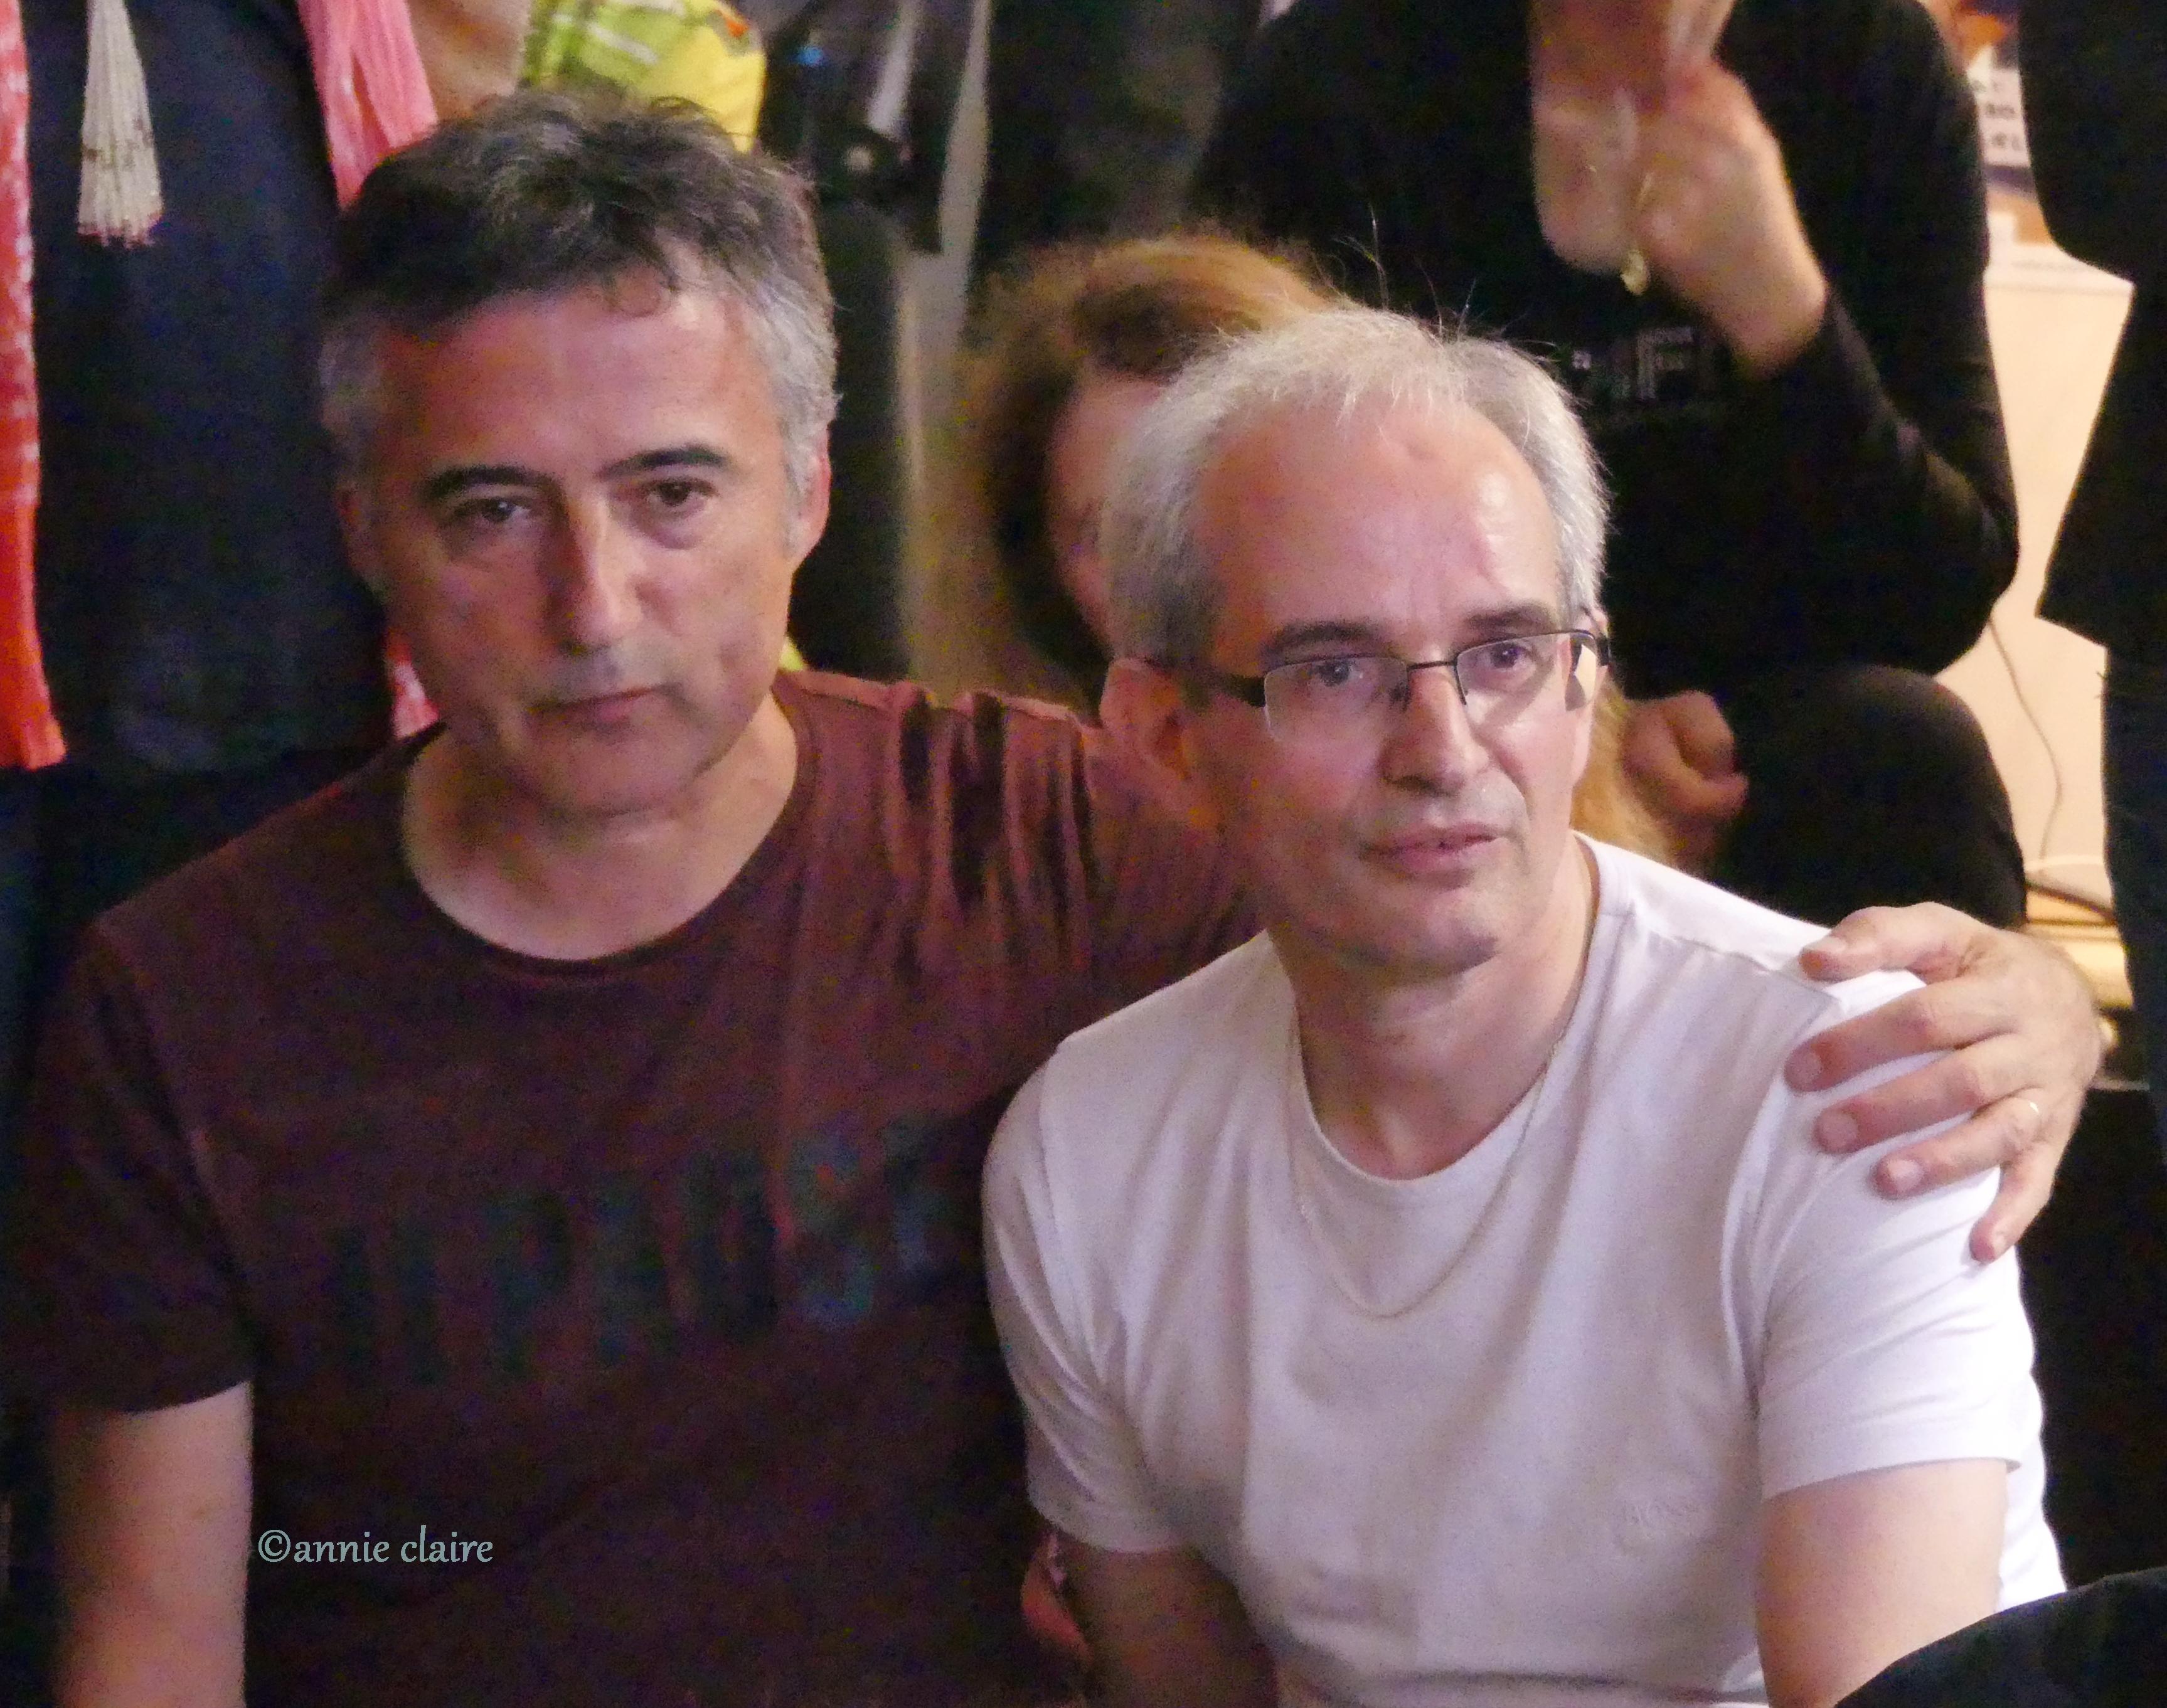 Daniel Zanzara et Bruno Marsella ©annie claire 28.07.2017